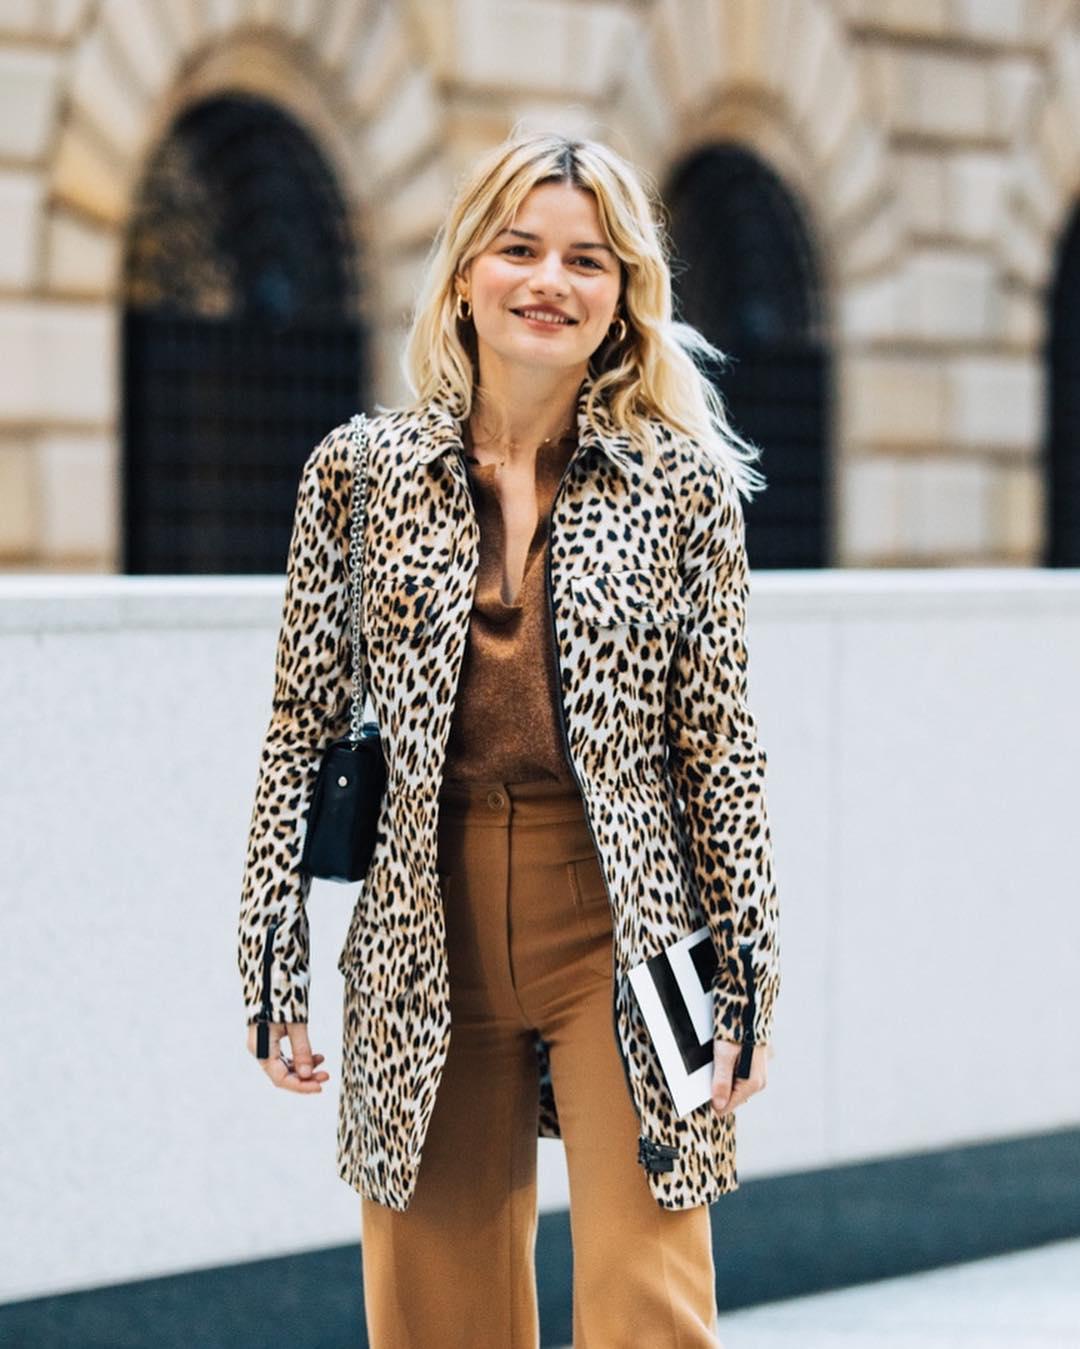 Hội IT Girl nước Pháp có đến 9 bí kíp diện đồ để không bao giờ mặc xấu, chỉ thanh lịch và sang chảnh trở lên - Ảnh 24